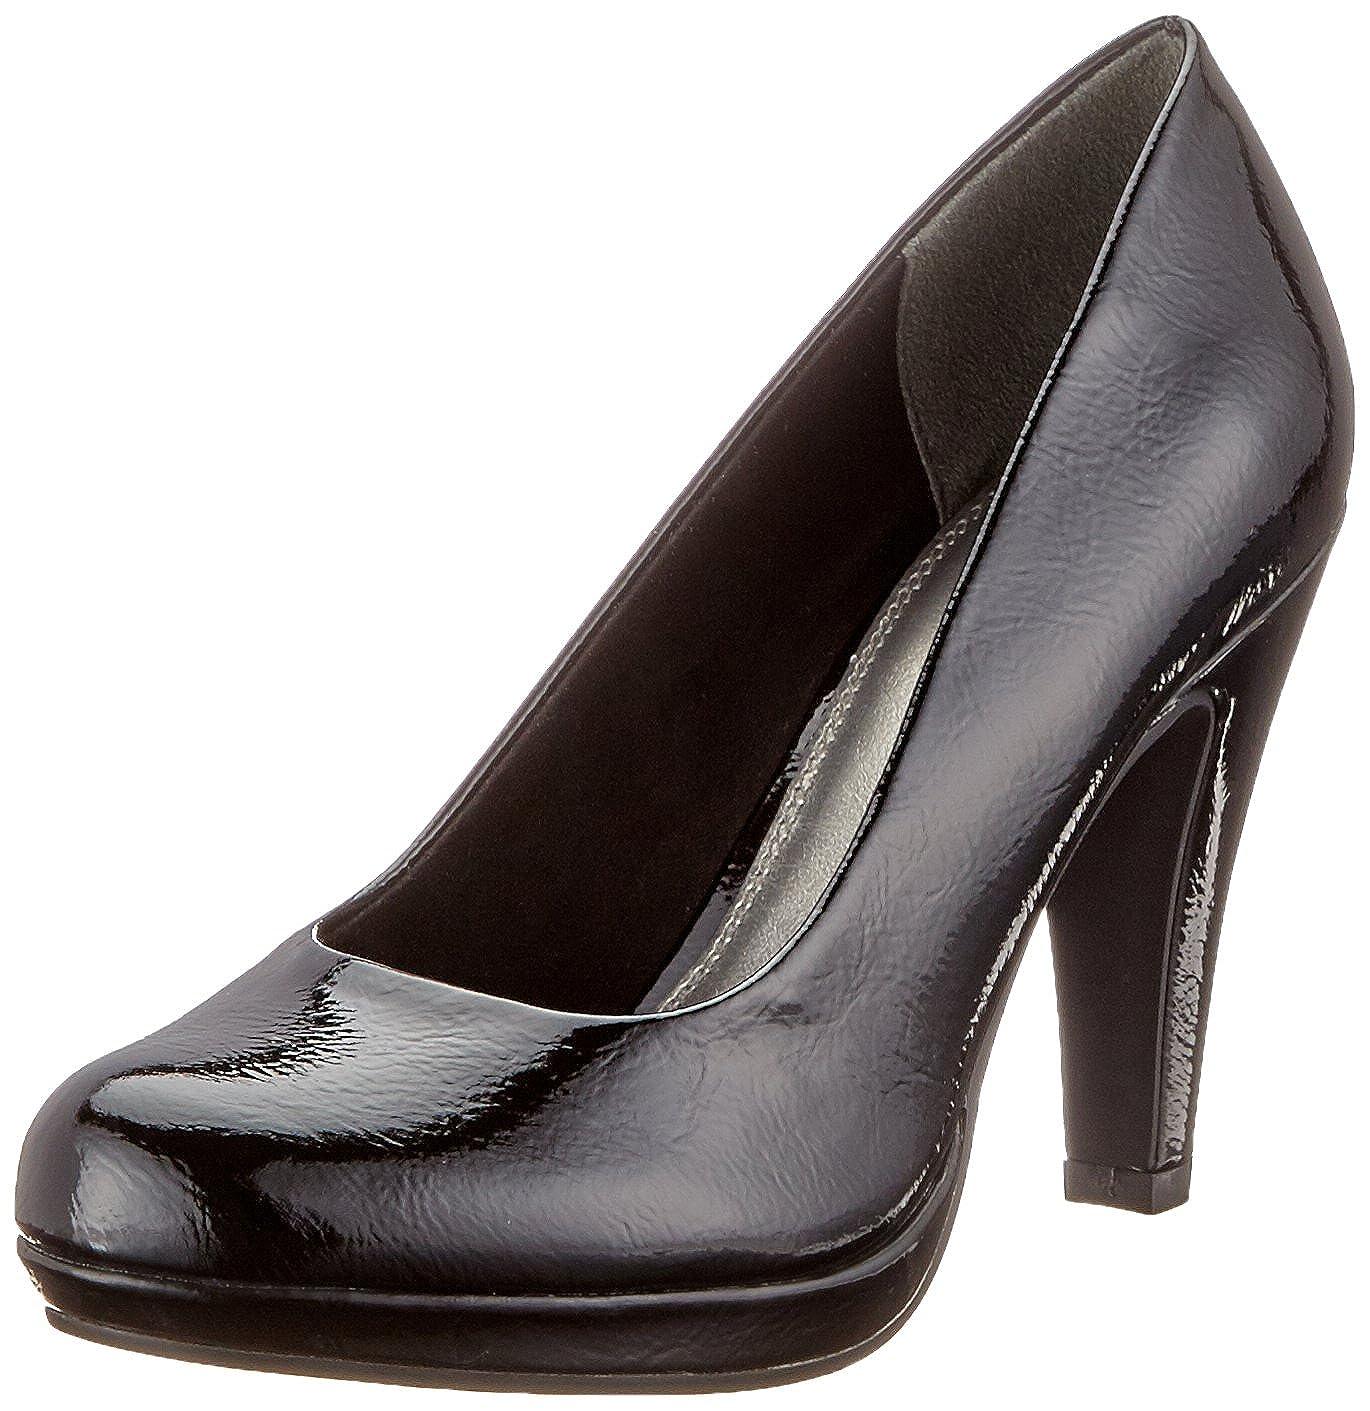 TALLA 40 EU. MARCO TOZZI 2-2-22410-31 018, Zapatos de Tacón para Mujer